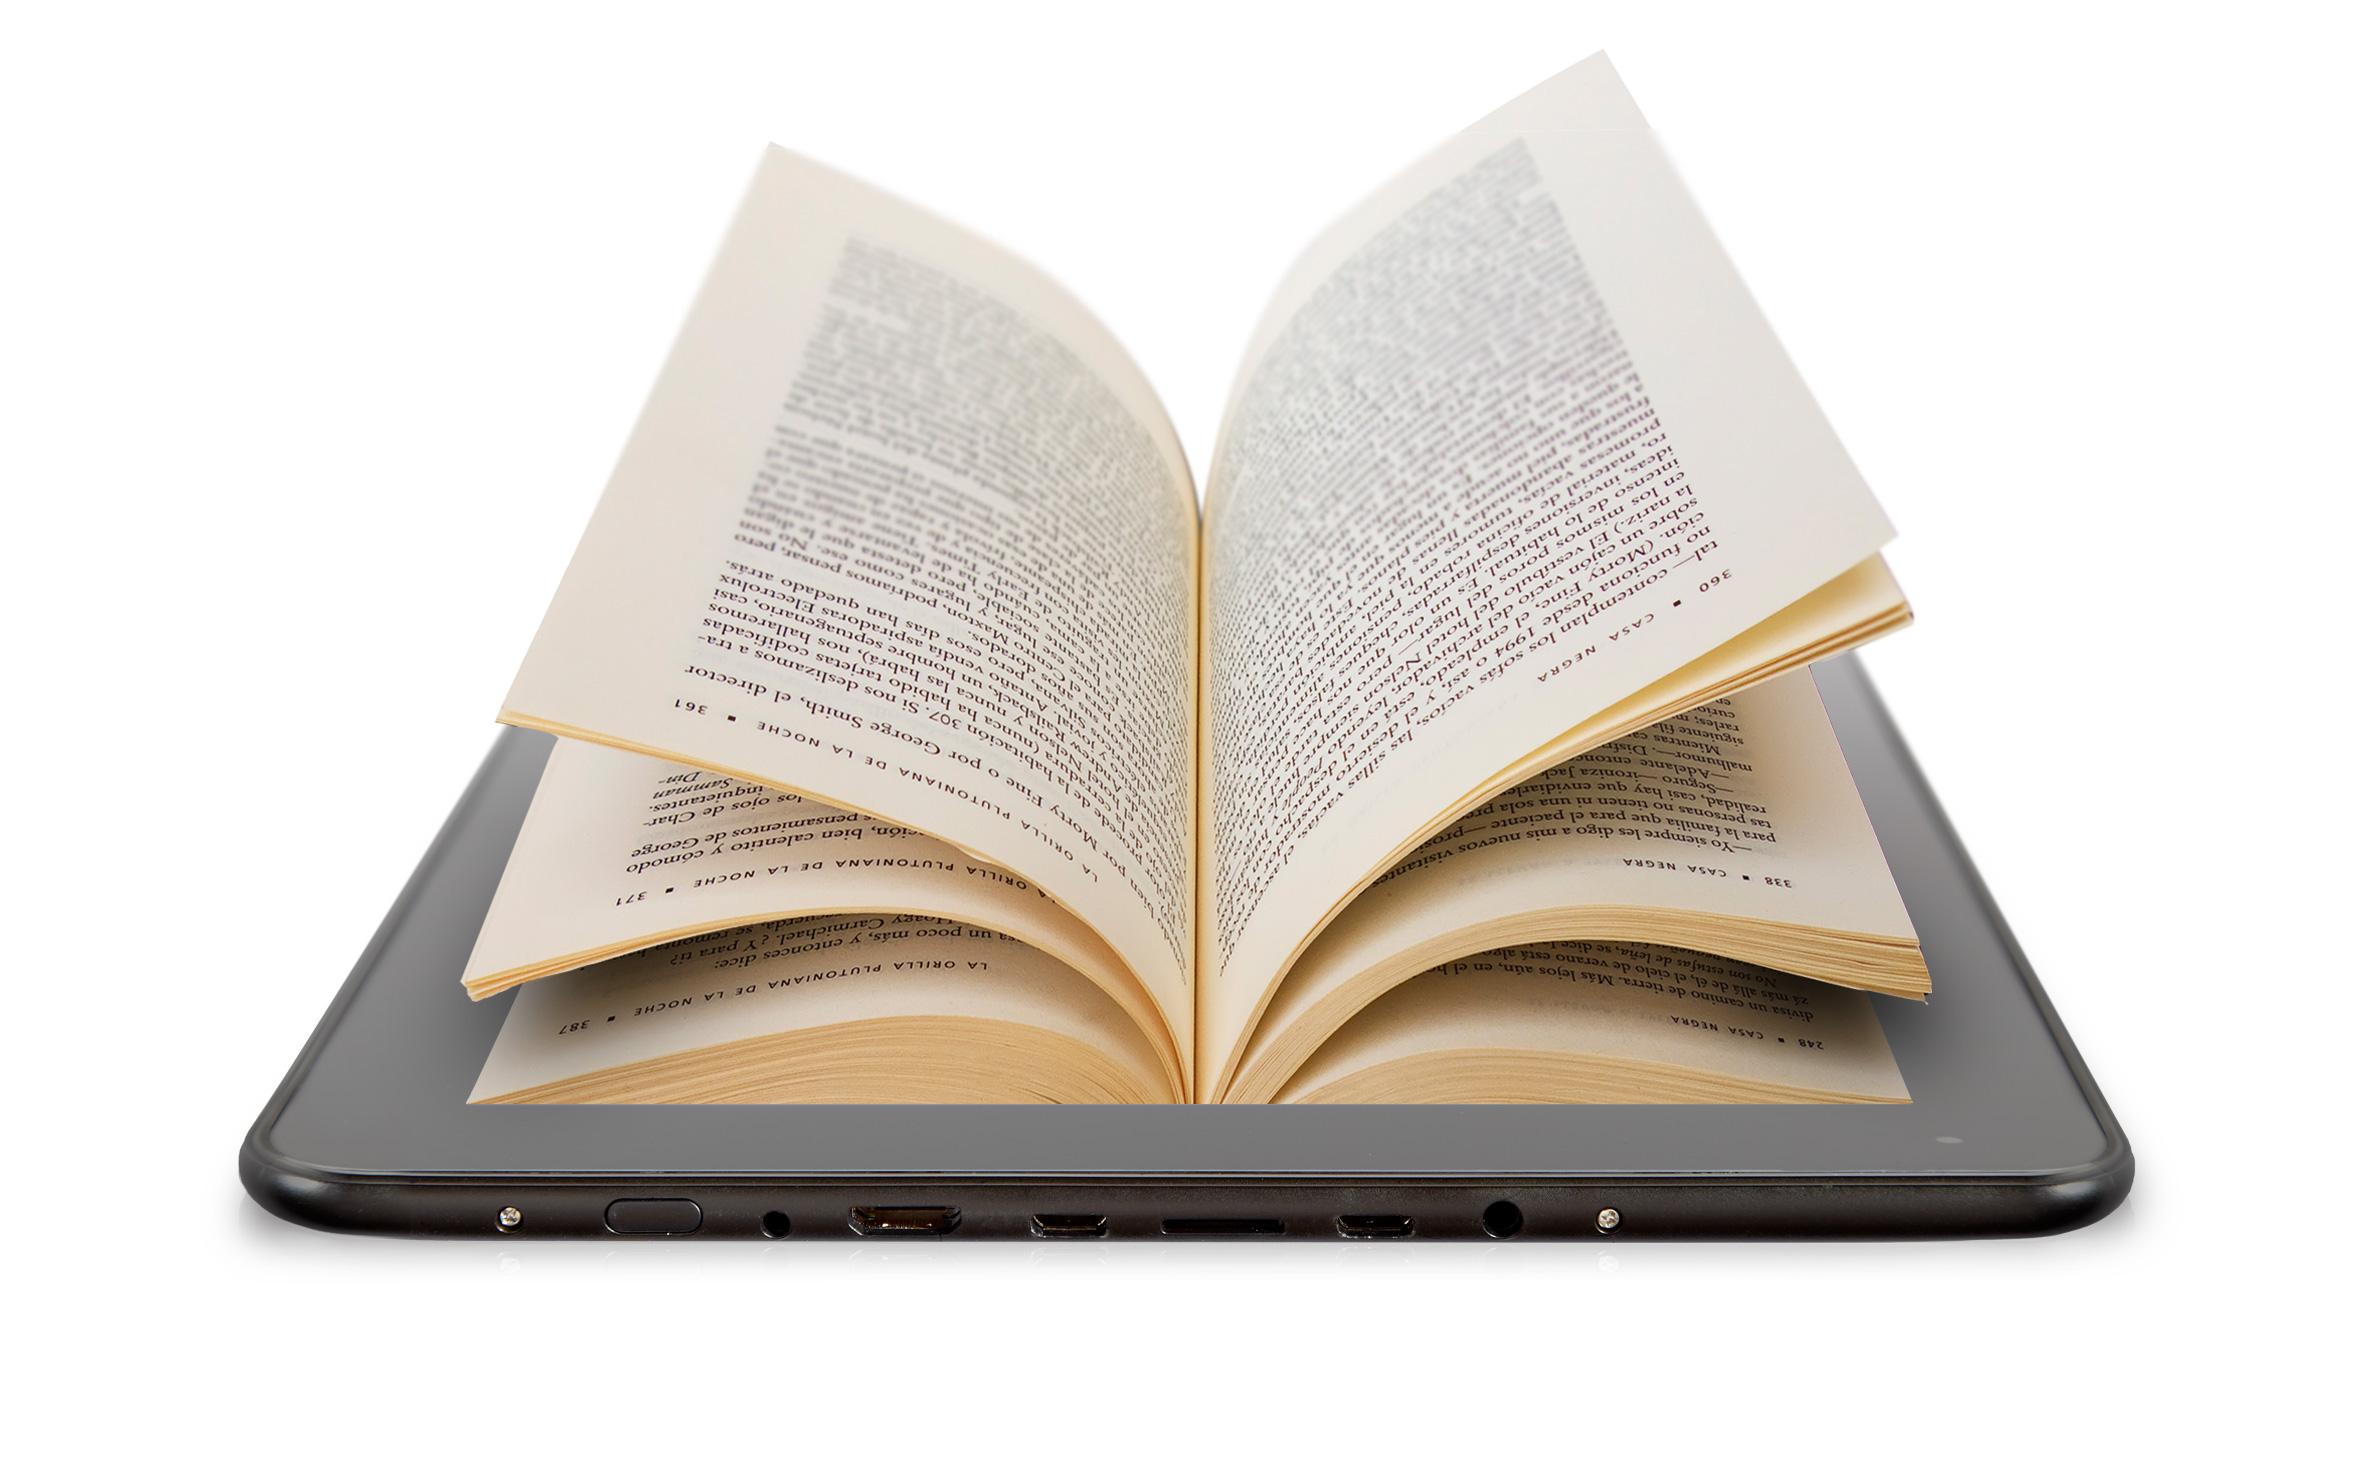 I 5 migliori lettori ebook per Natale 2015